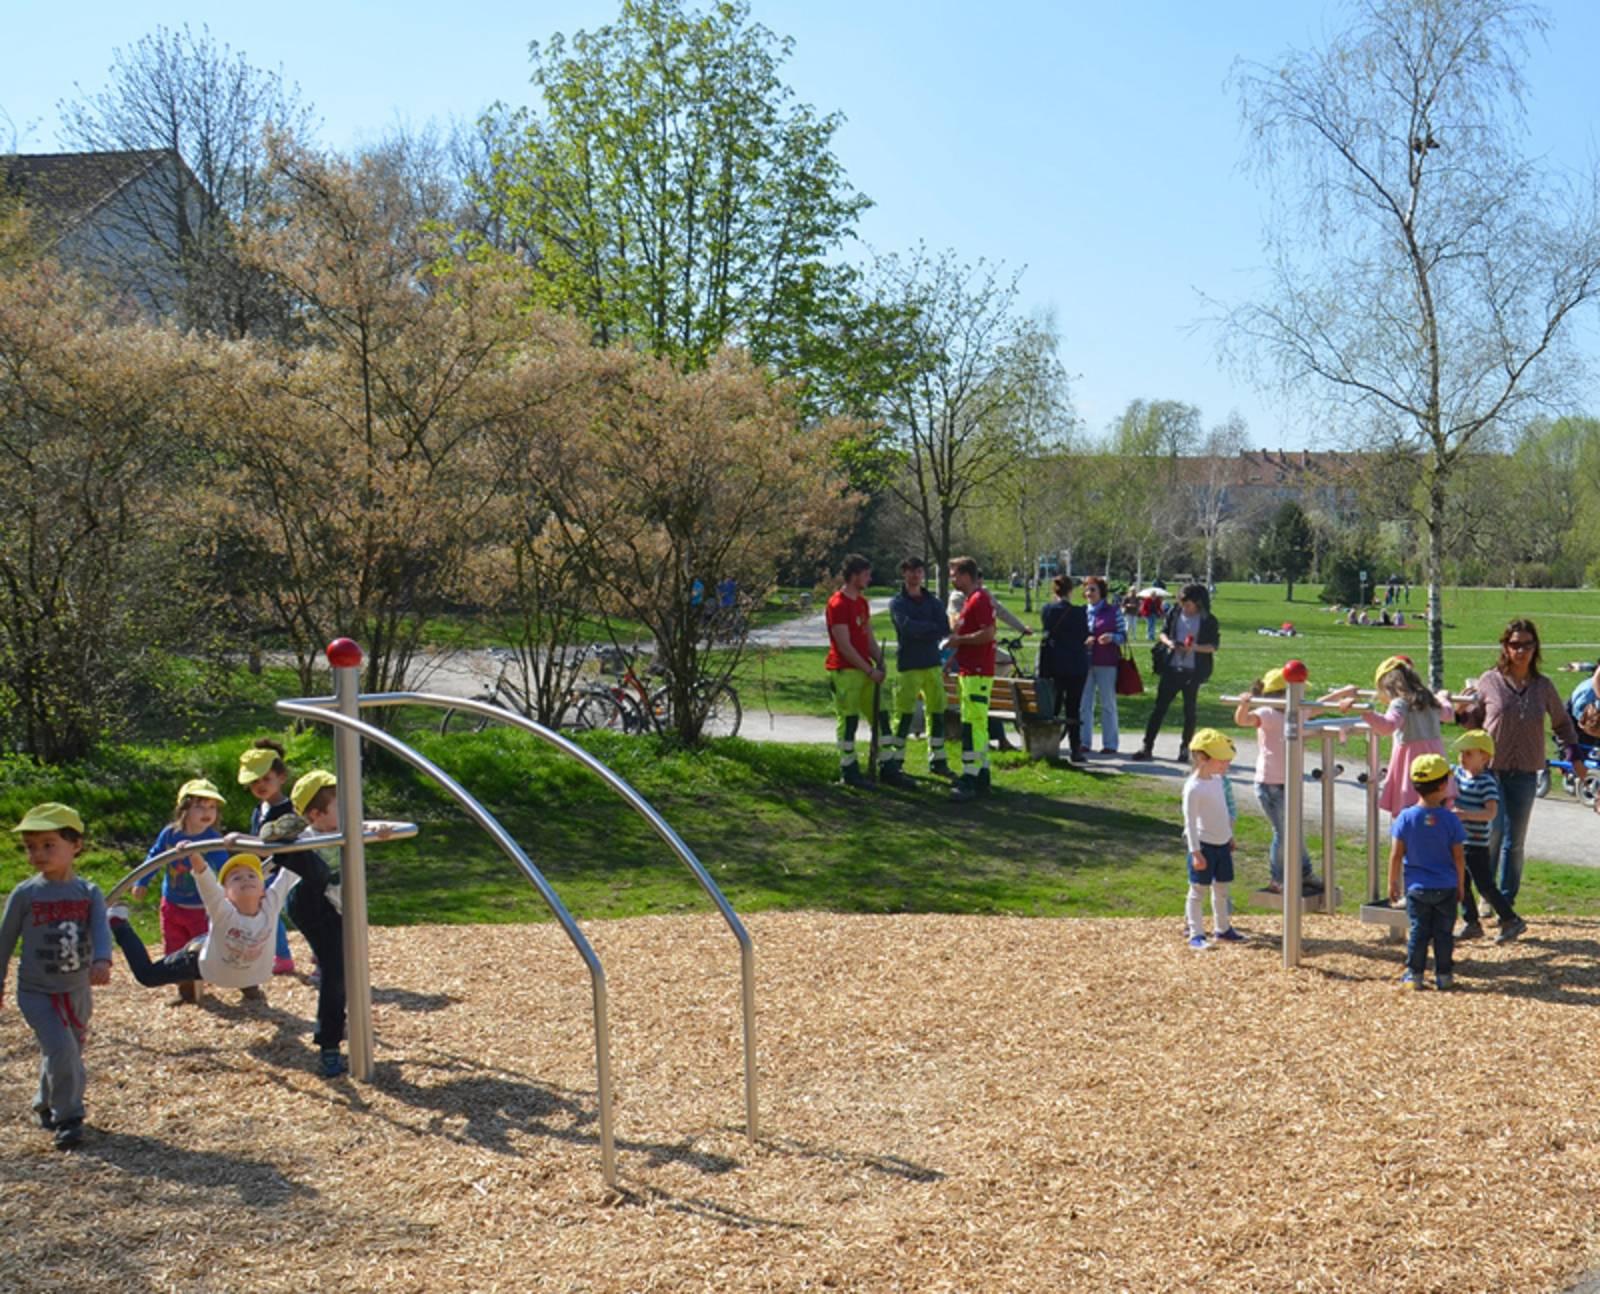 Erwachsene und Kinder probieren die Sportgeräte im Fitnessparcours Vahrenwalder Park aus